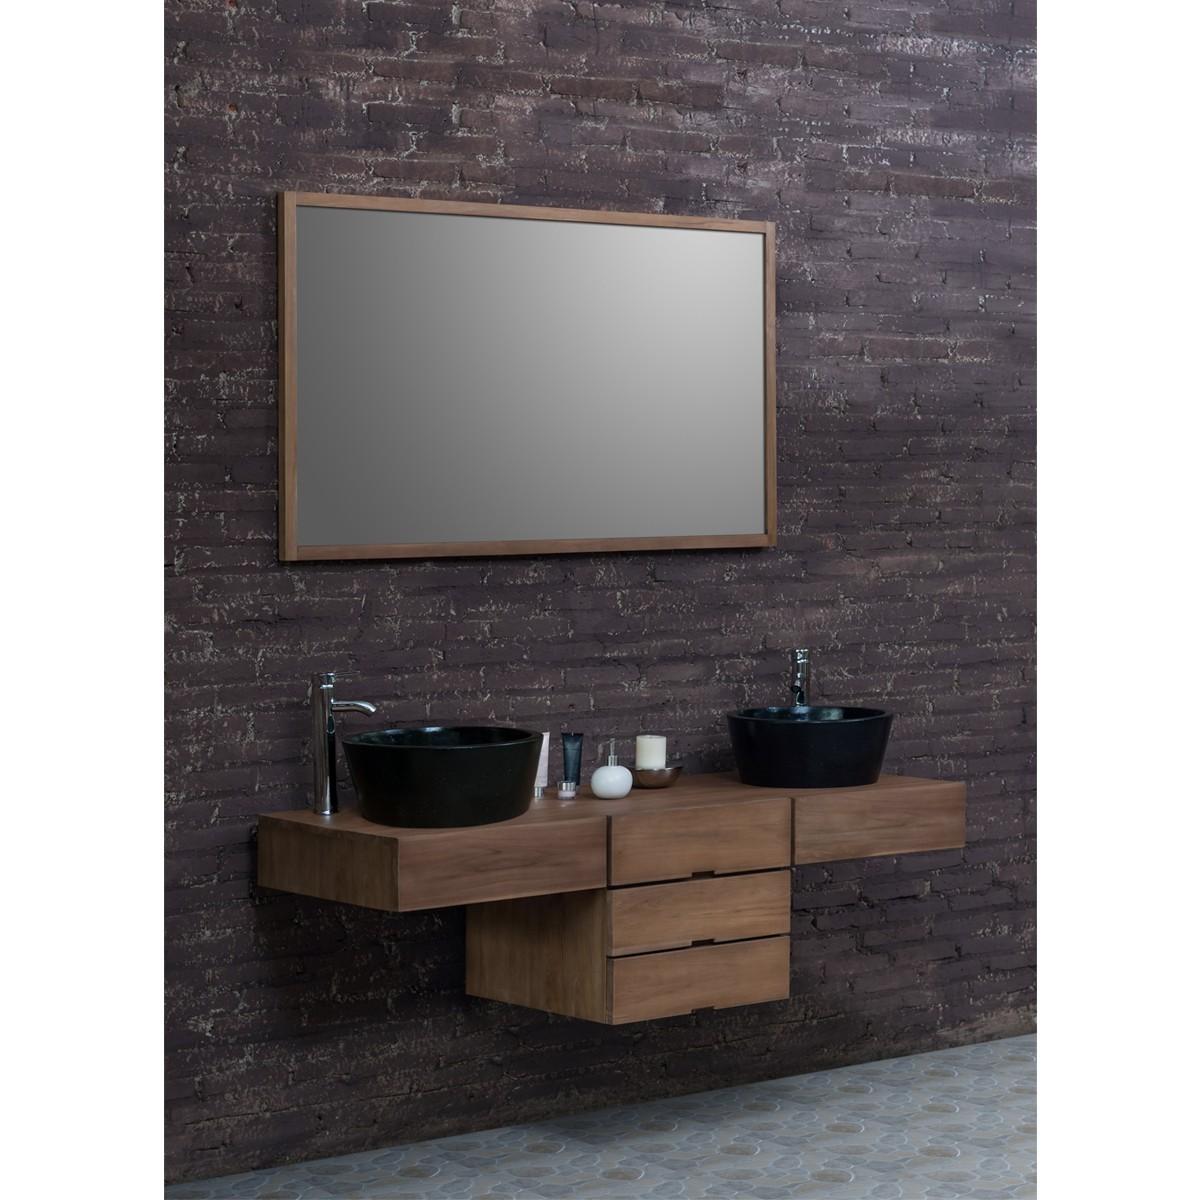 Ensemble de salle de bain en bois de teck 160 2 vasques for Miroir salle de bain bois